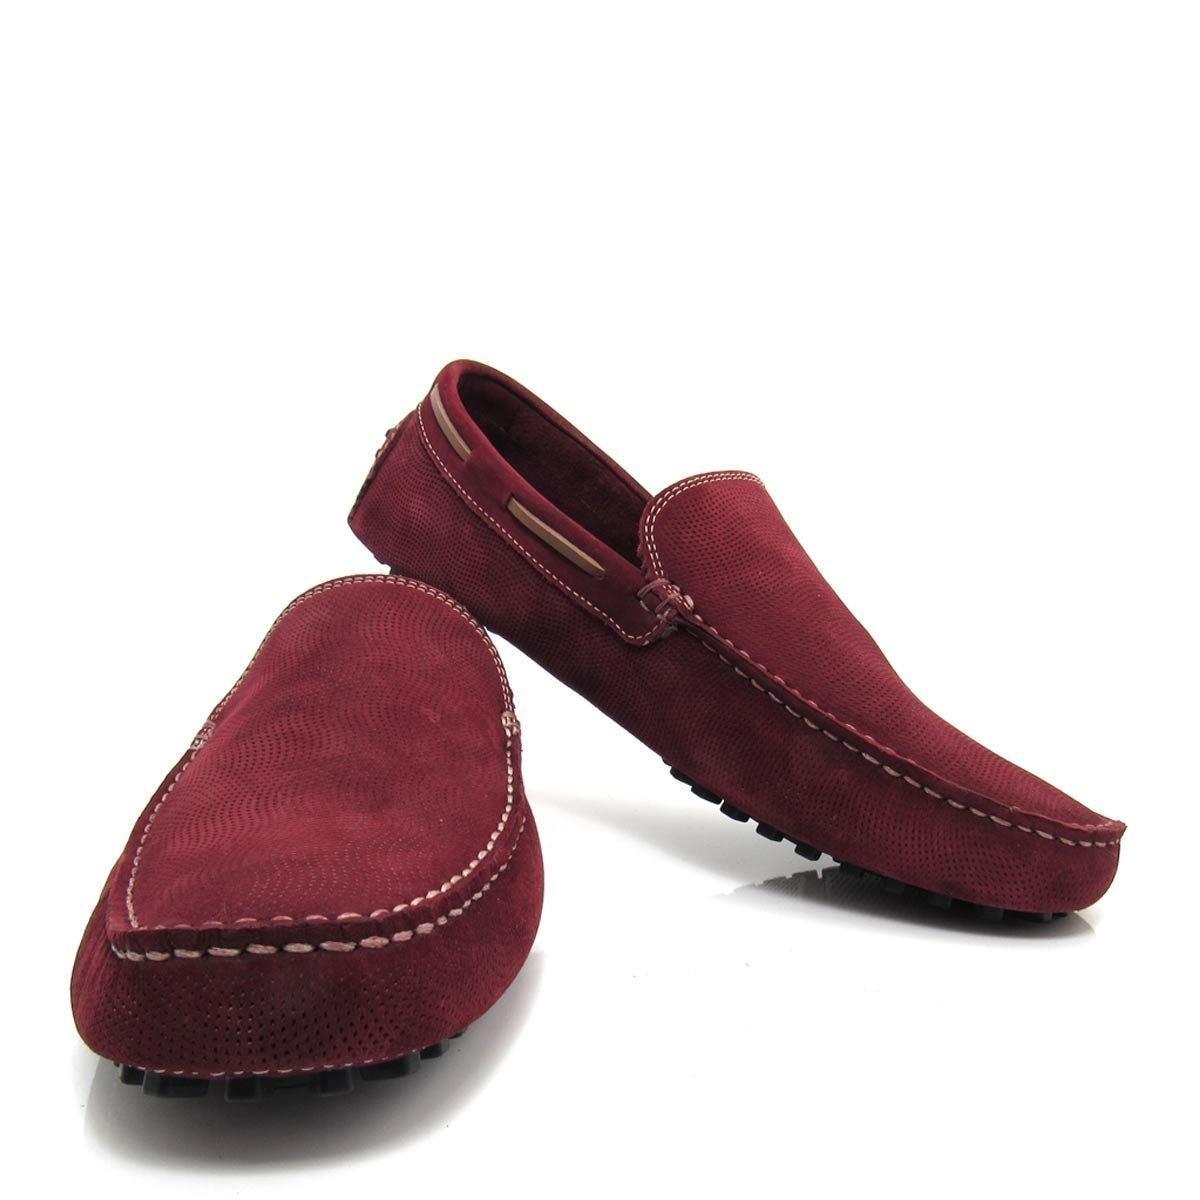 79f2471034 Sapato Mocassim Masculino Jovaceli Em Couro 6310 - R$ 59,00 em ...